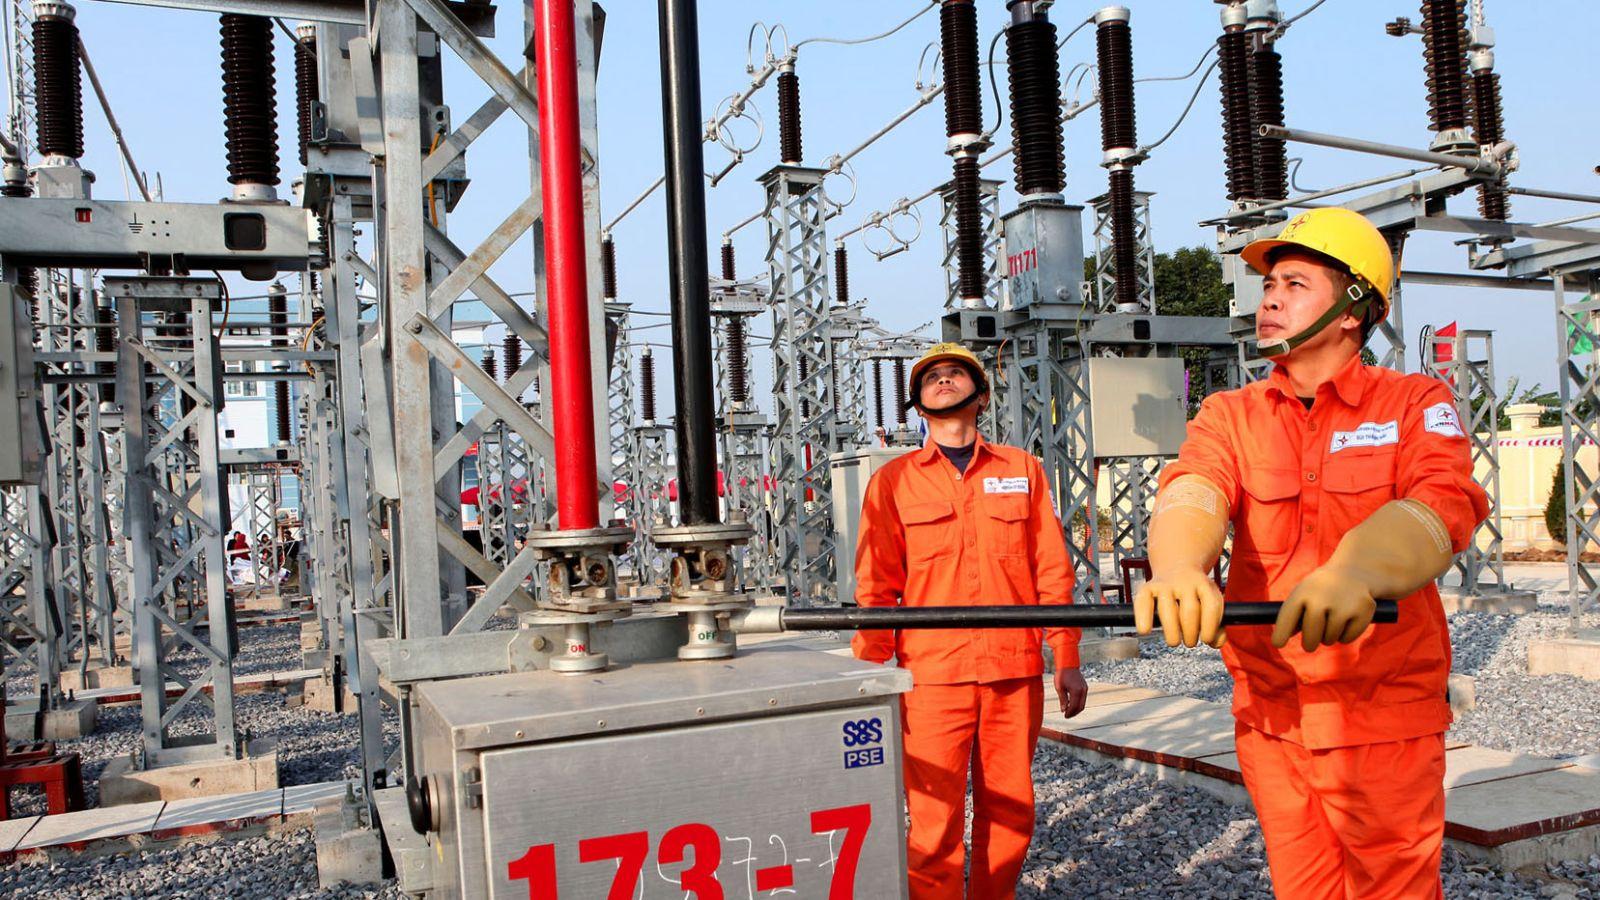 Điện lực Hà Nội đảm bảo không cắt điện khi nhiệt độ trên 36 độ C